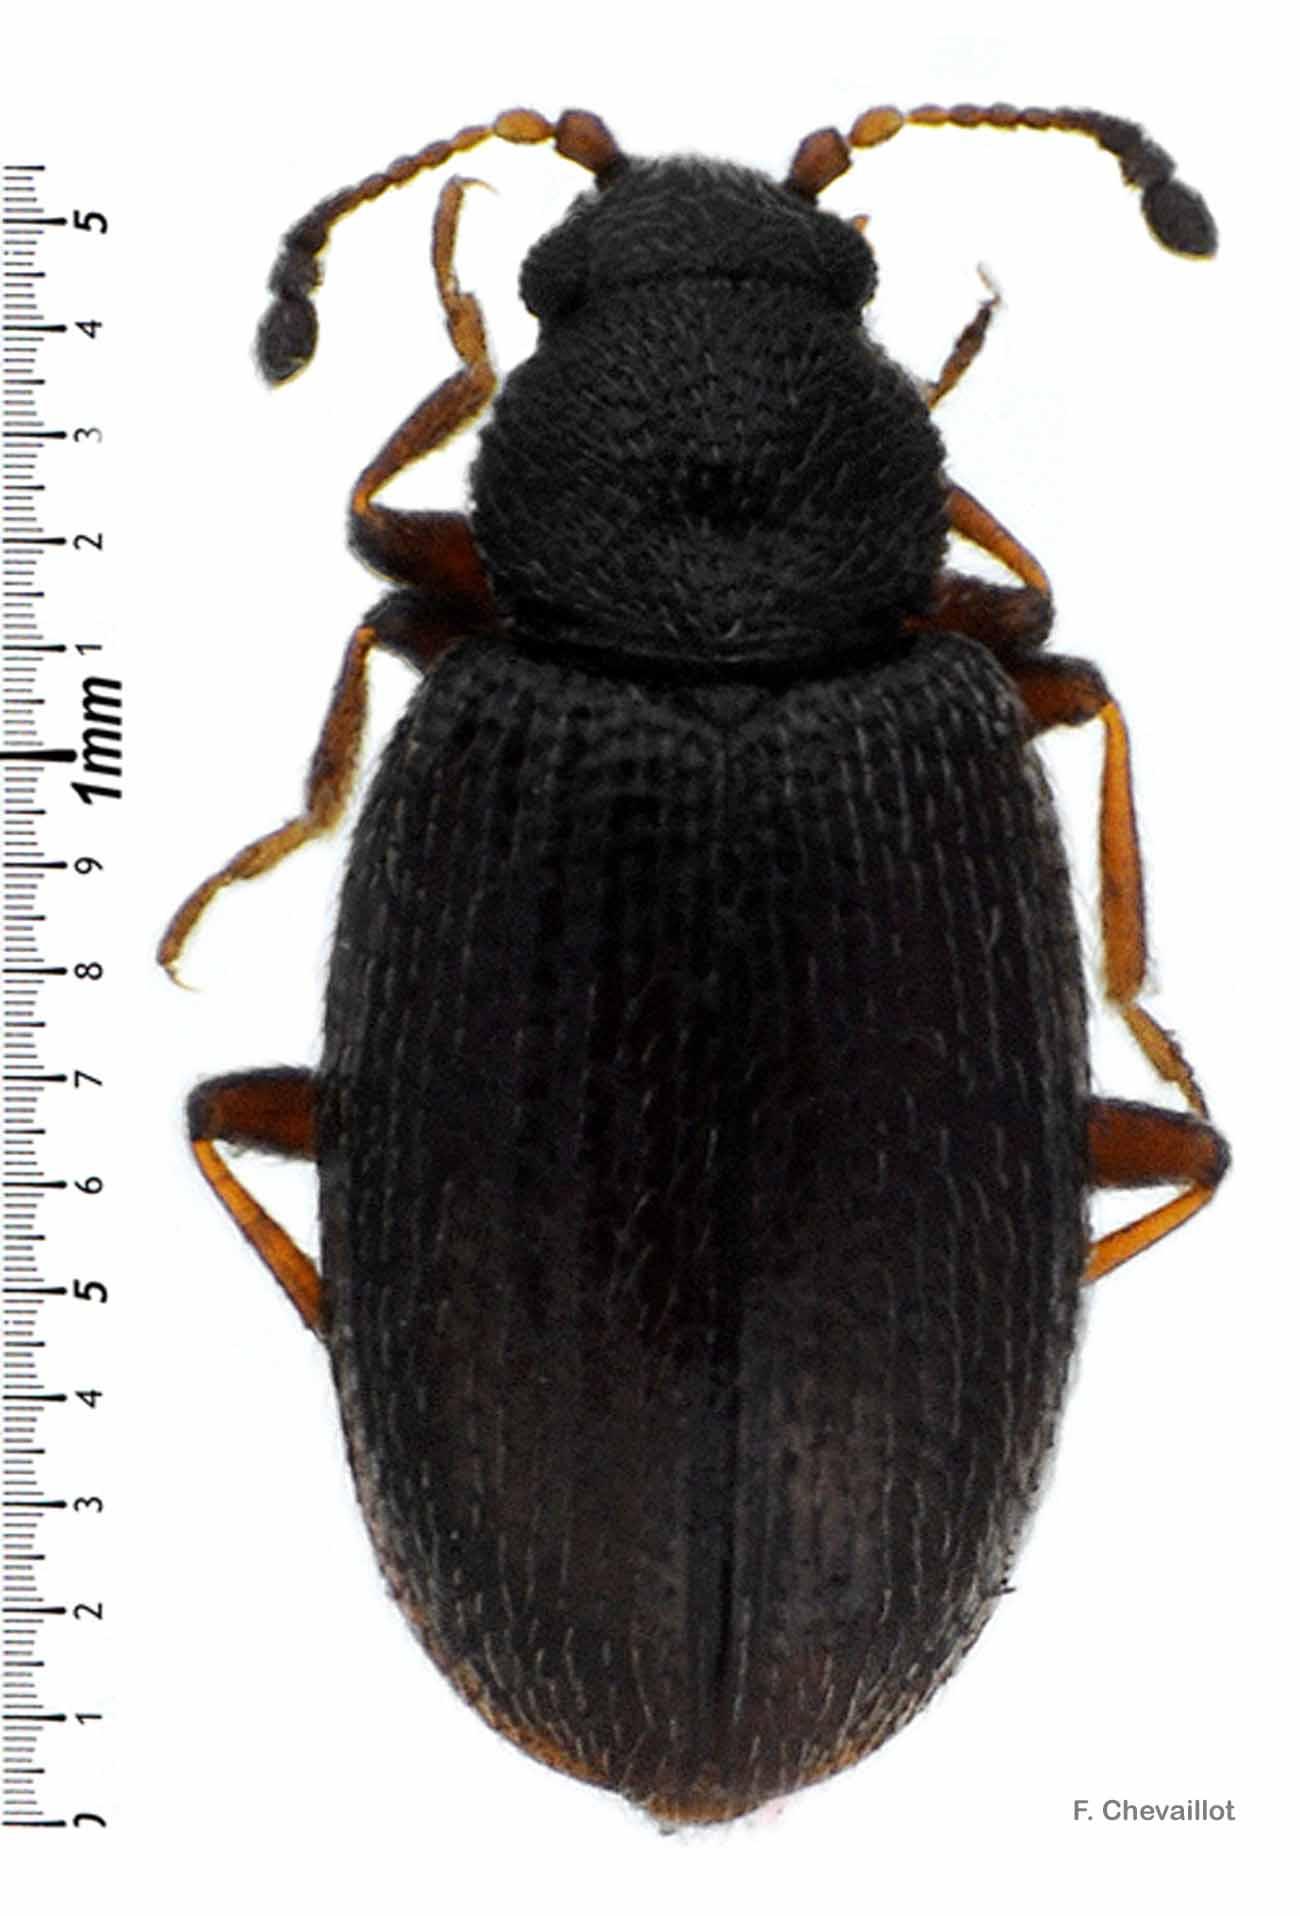 Corticarina parvula